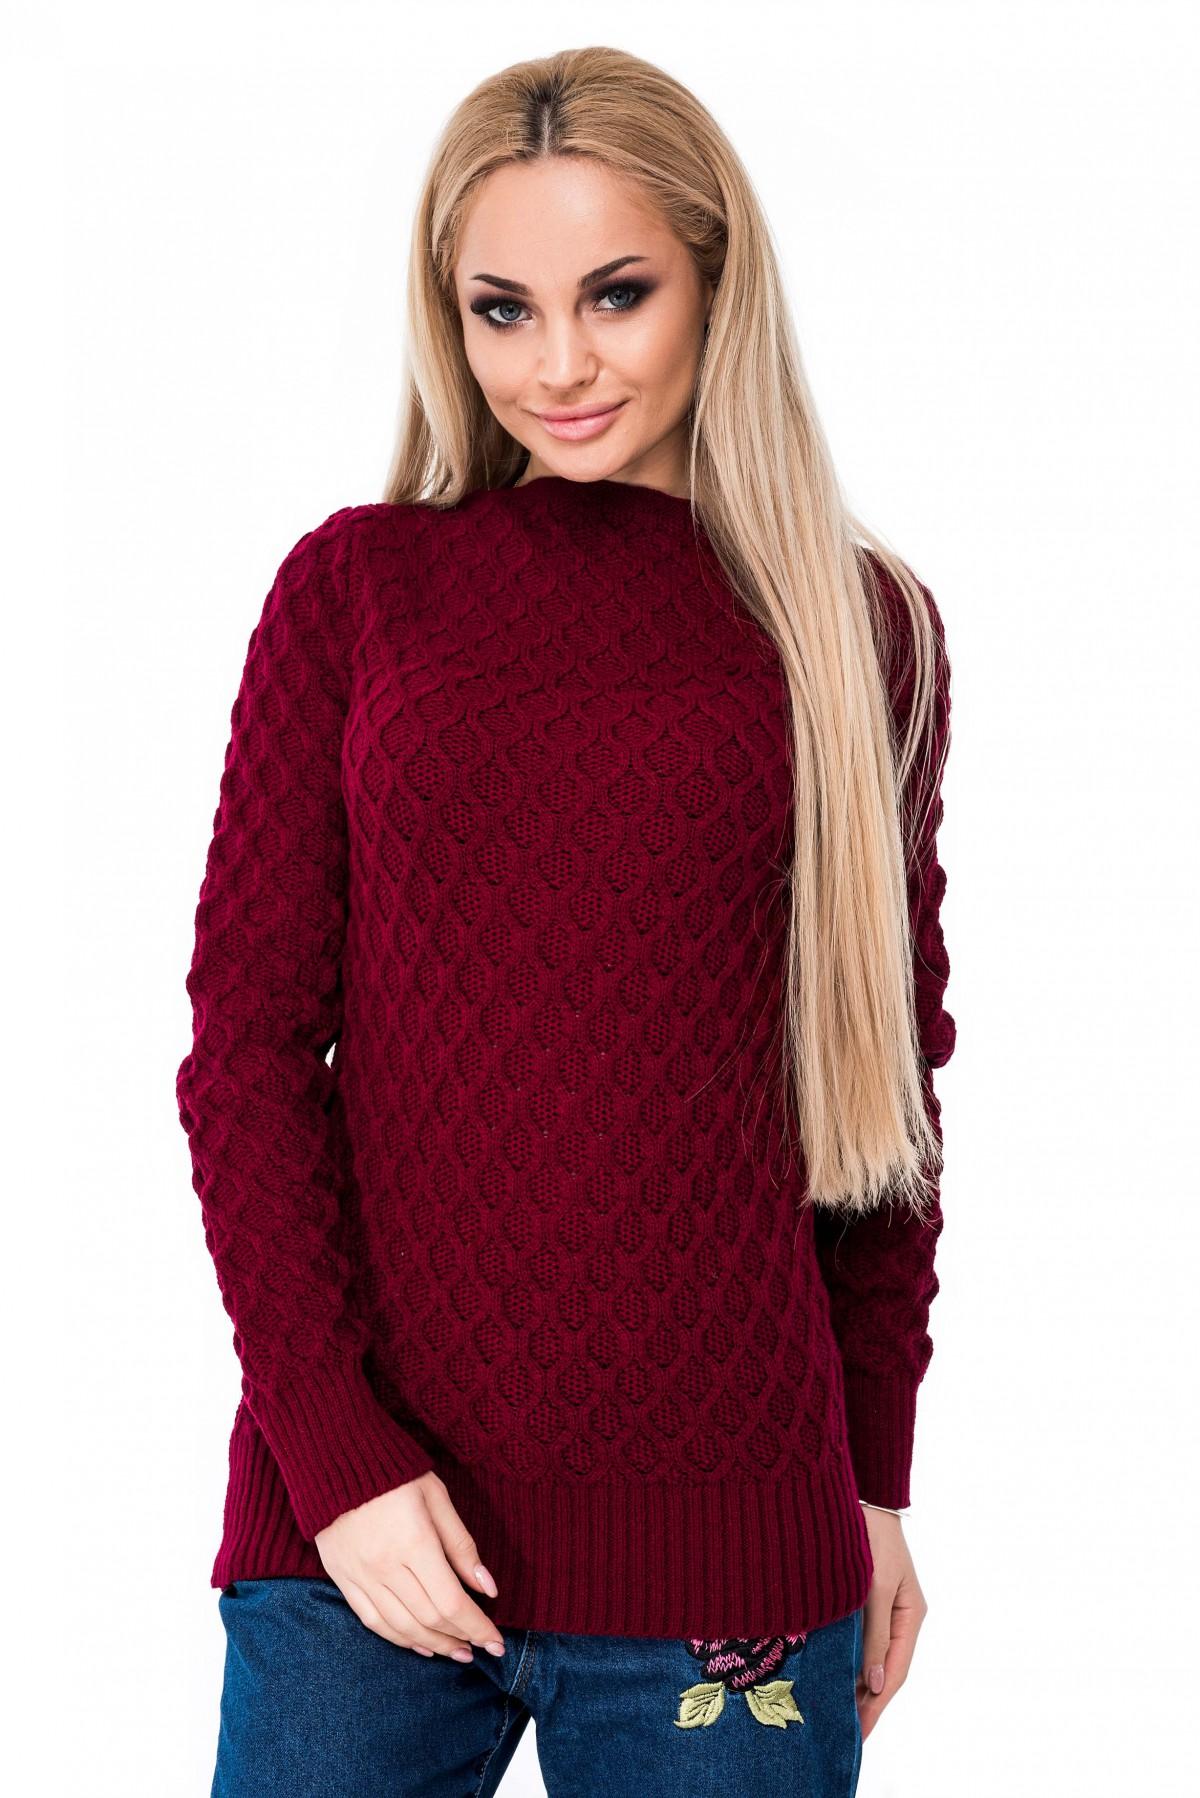 Issaplusбордовый вязаный свитер в мелкий фактурный узор 9238 купить